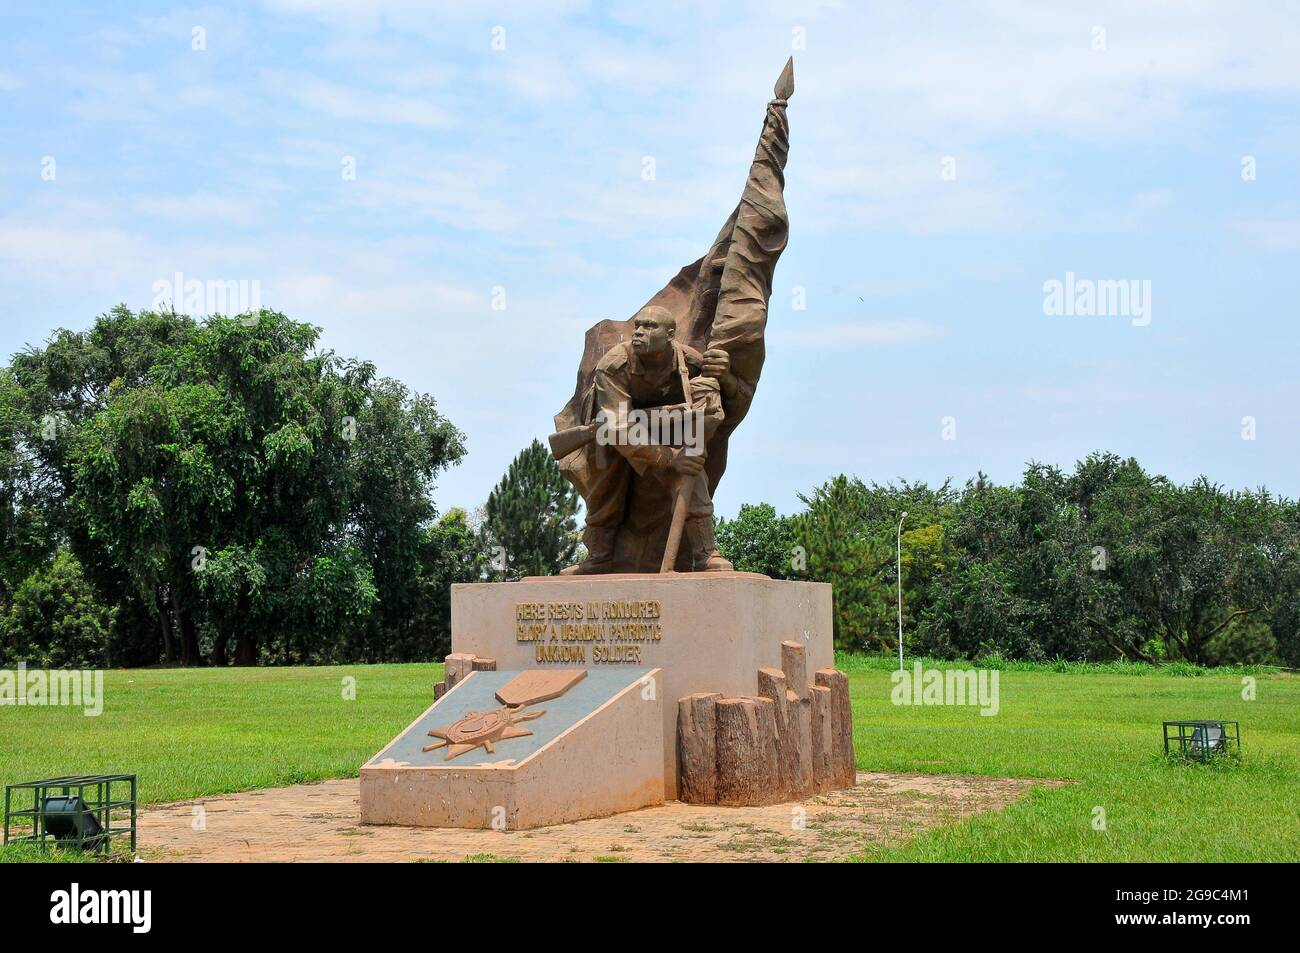 Un monument montrant le lieu de repos des restes des Ougandais qui se sont battus pour apporter la paix après une guerre de 5 ans en Ouganda. Ce monument a été construit sur le terrain de l'indépendance nationale. Ouganda. Banque D'Images